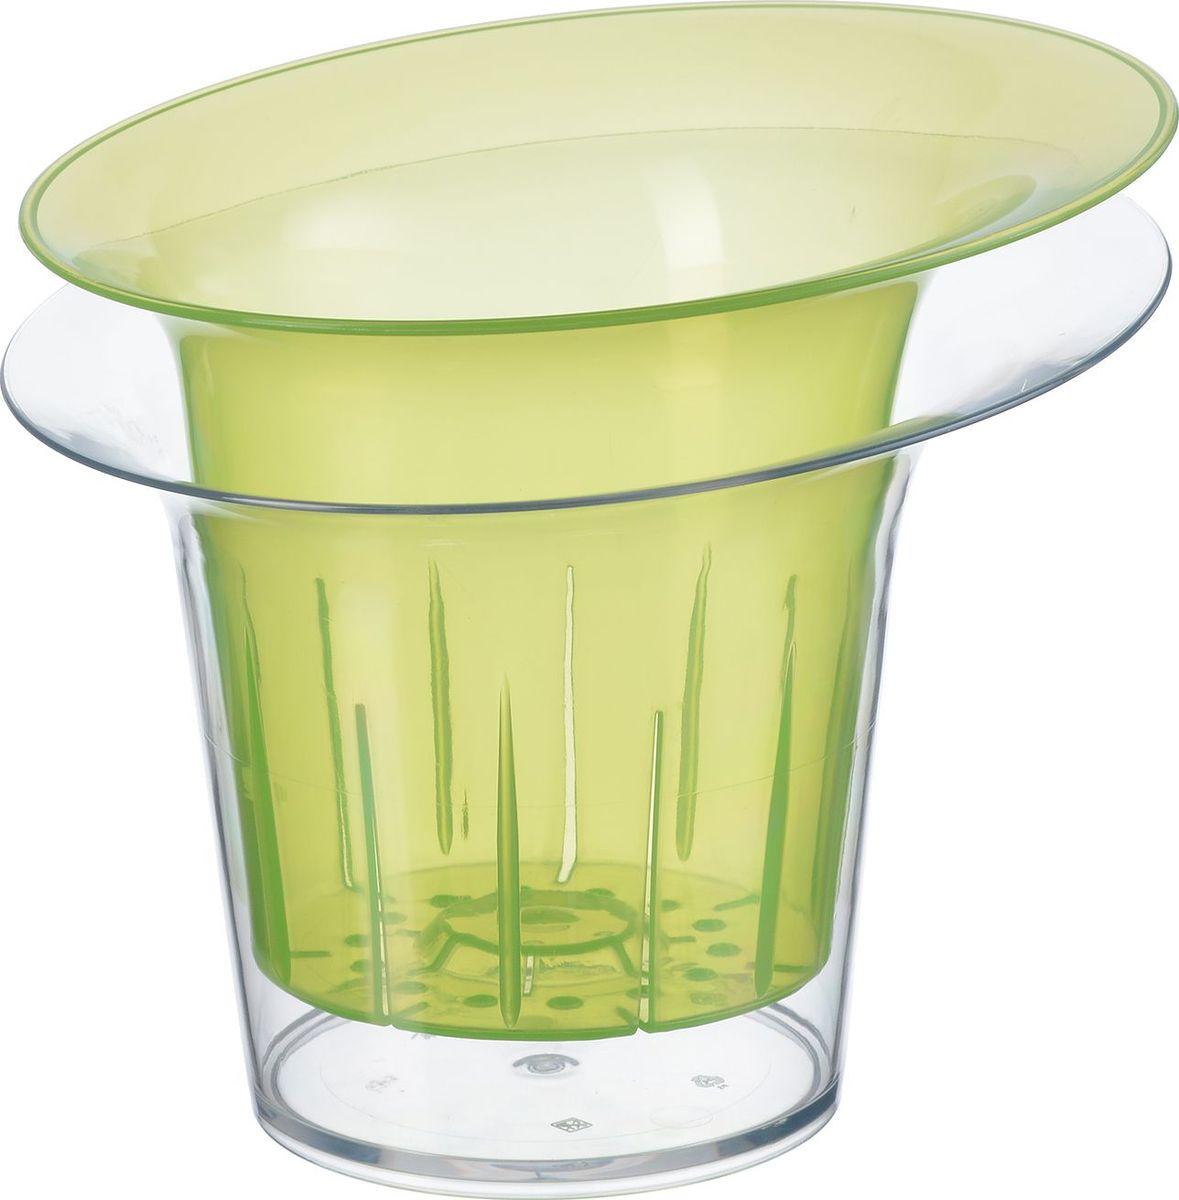 Кашпо для орхидеи Idea Адель, цвет: зеленый прозрачный, 1 л. М 3104М 3104_зеленый прозрачный